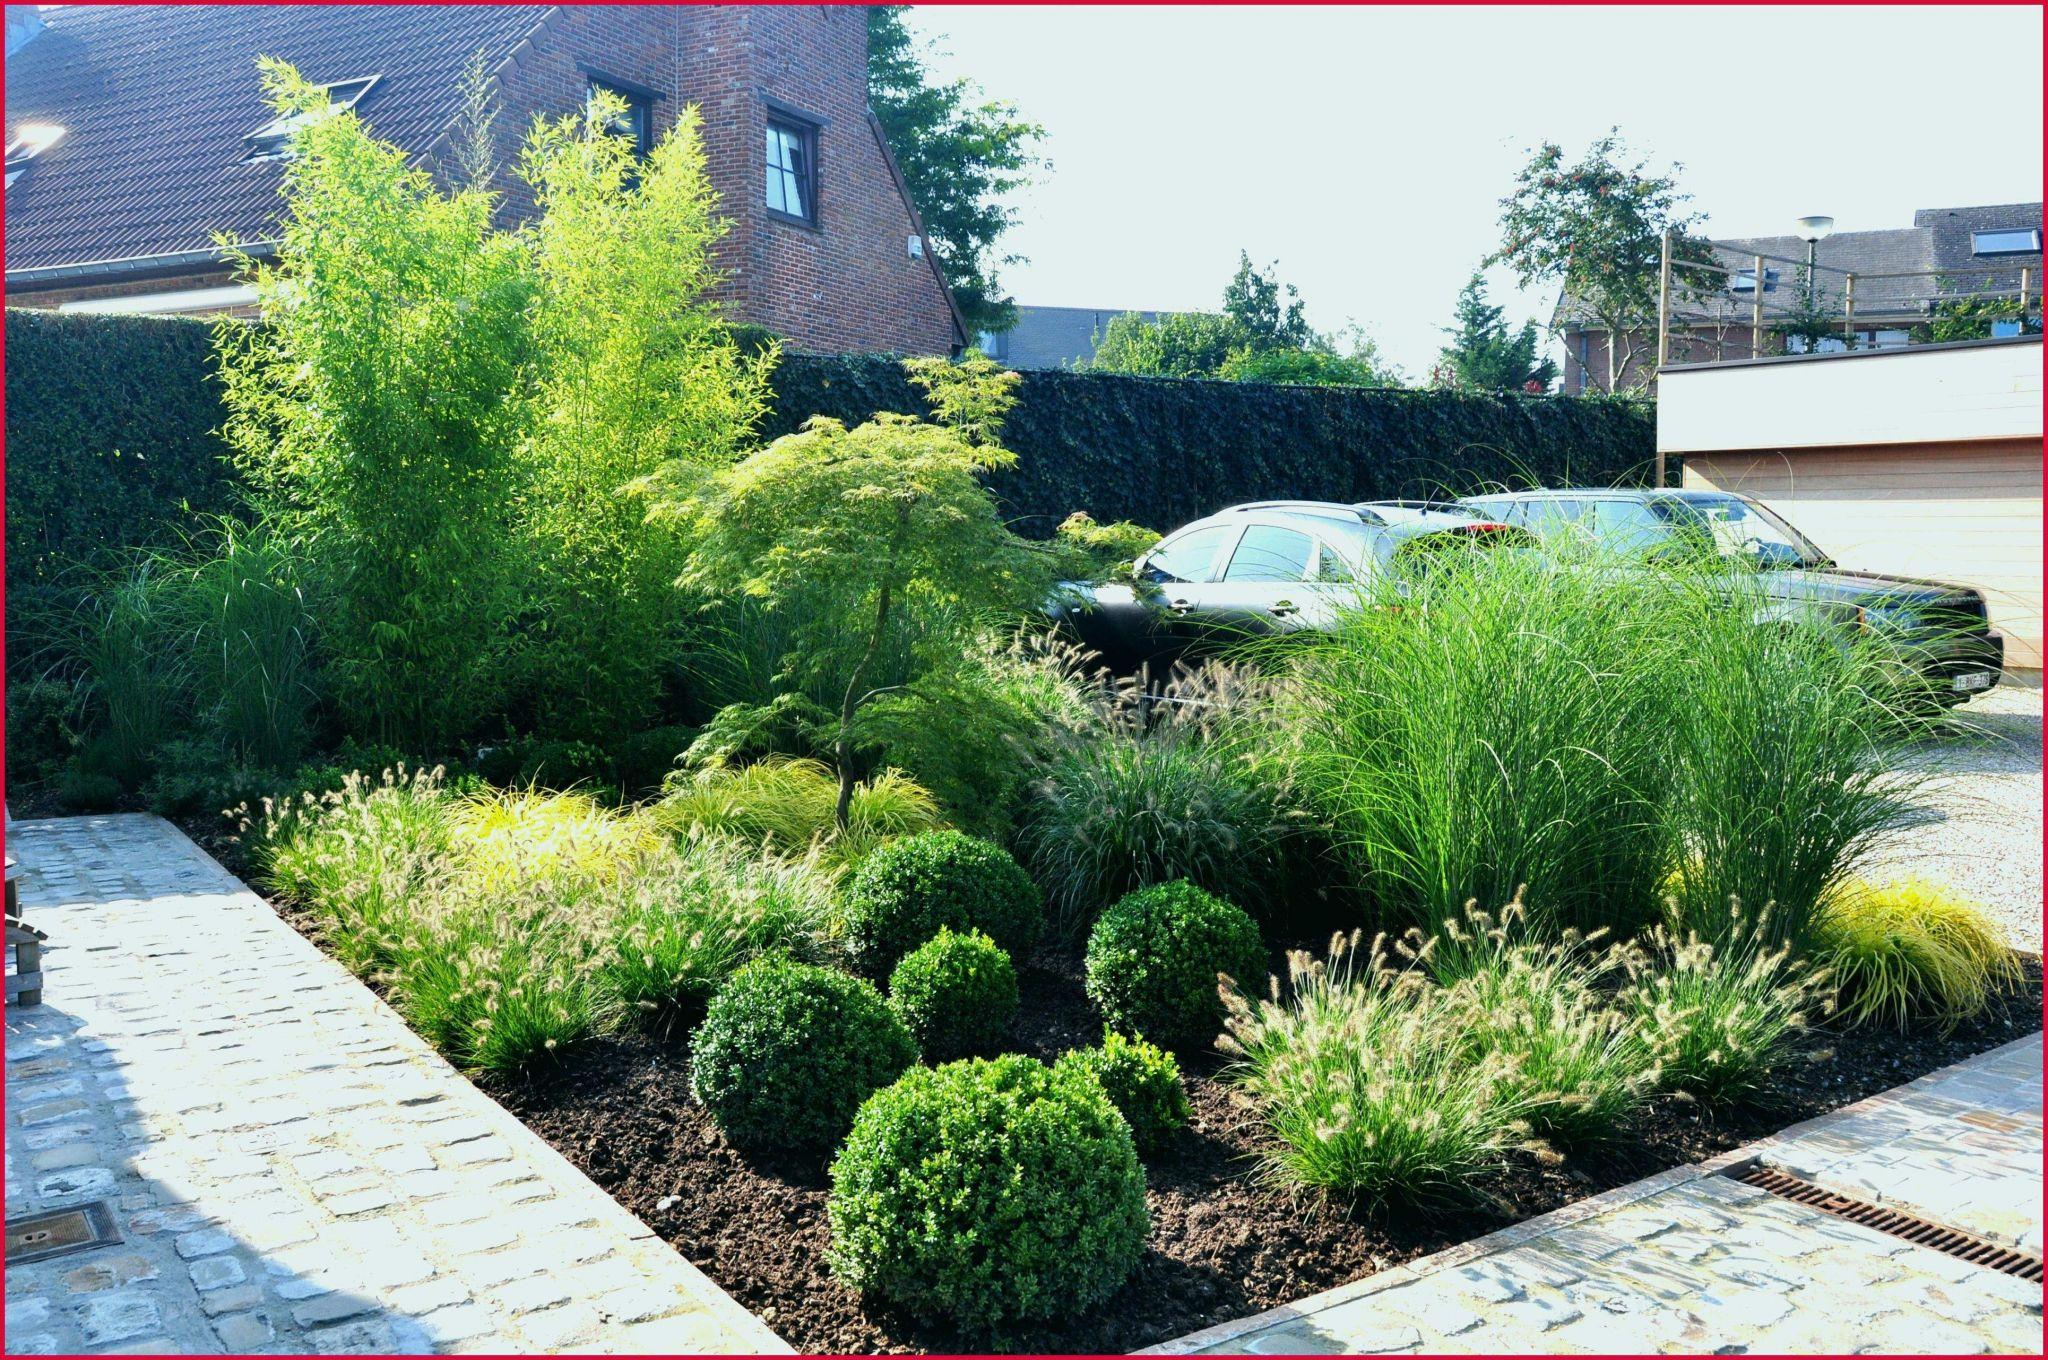 Aménagement Jardin Devant Maison Des Idées - Idees ... encequiconcerne Idee Amenagement Jardin Devant Maison